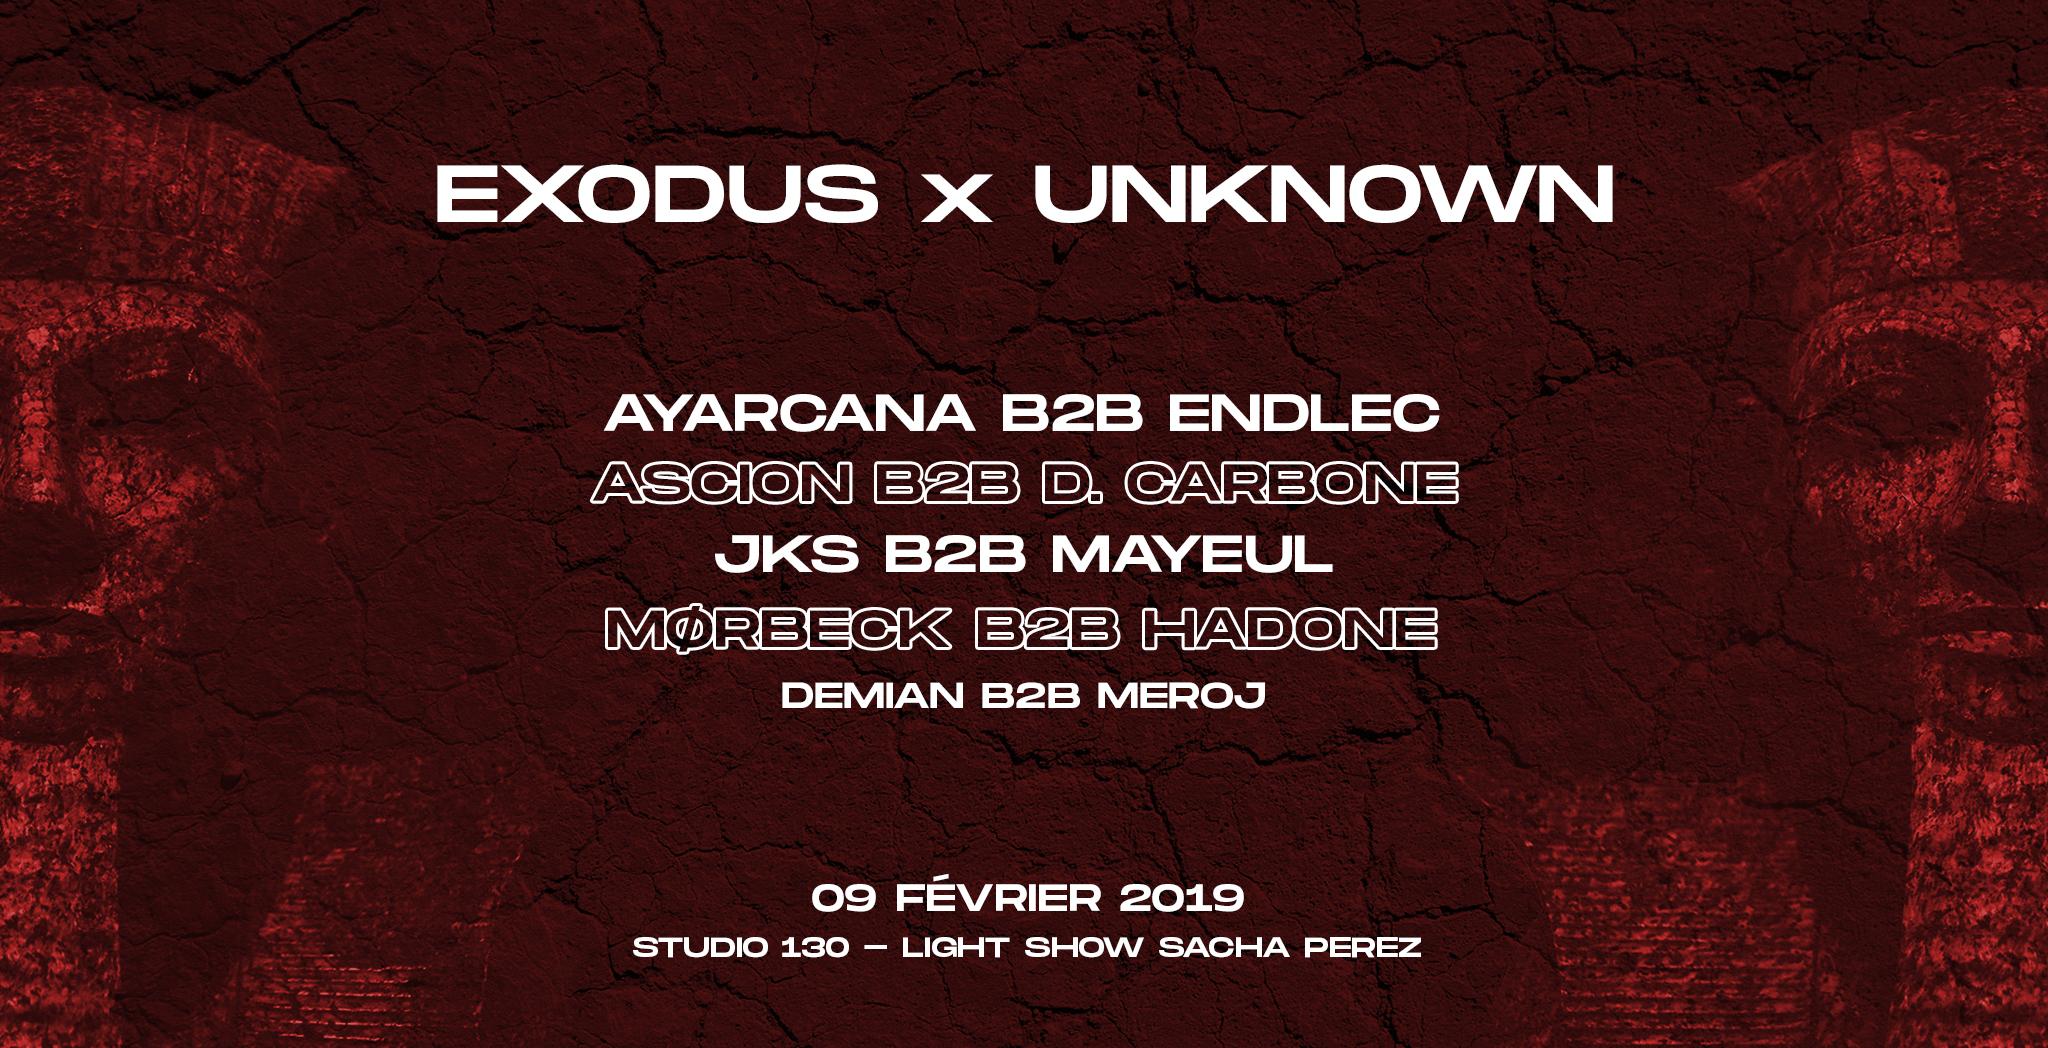 Exodus x Unknown